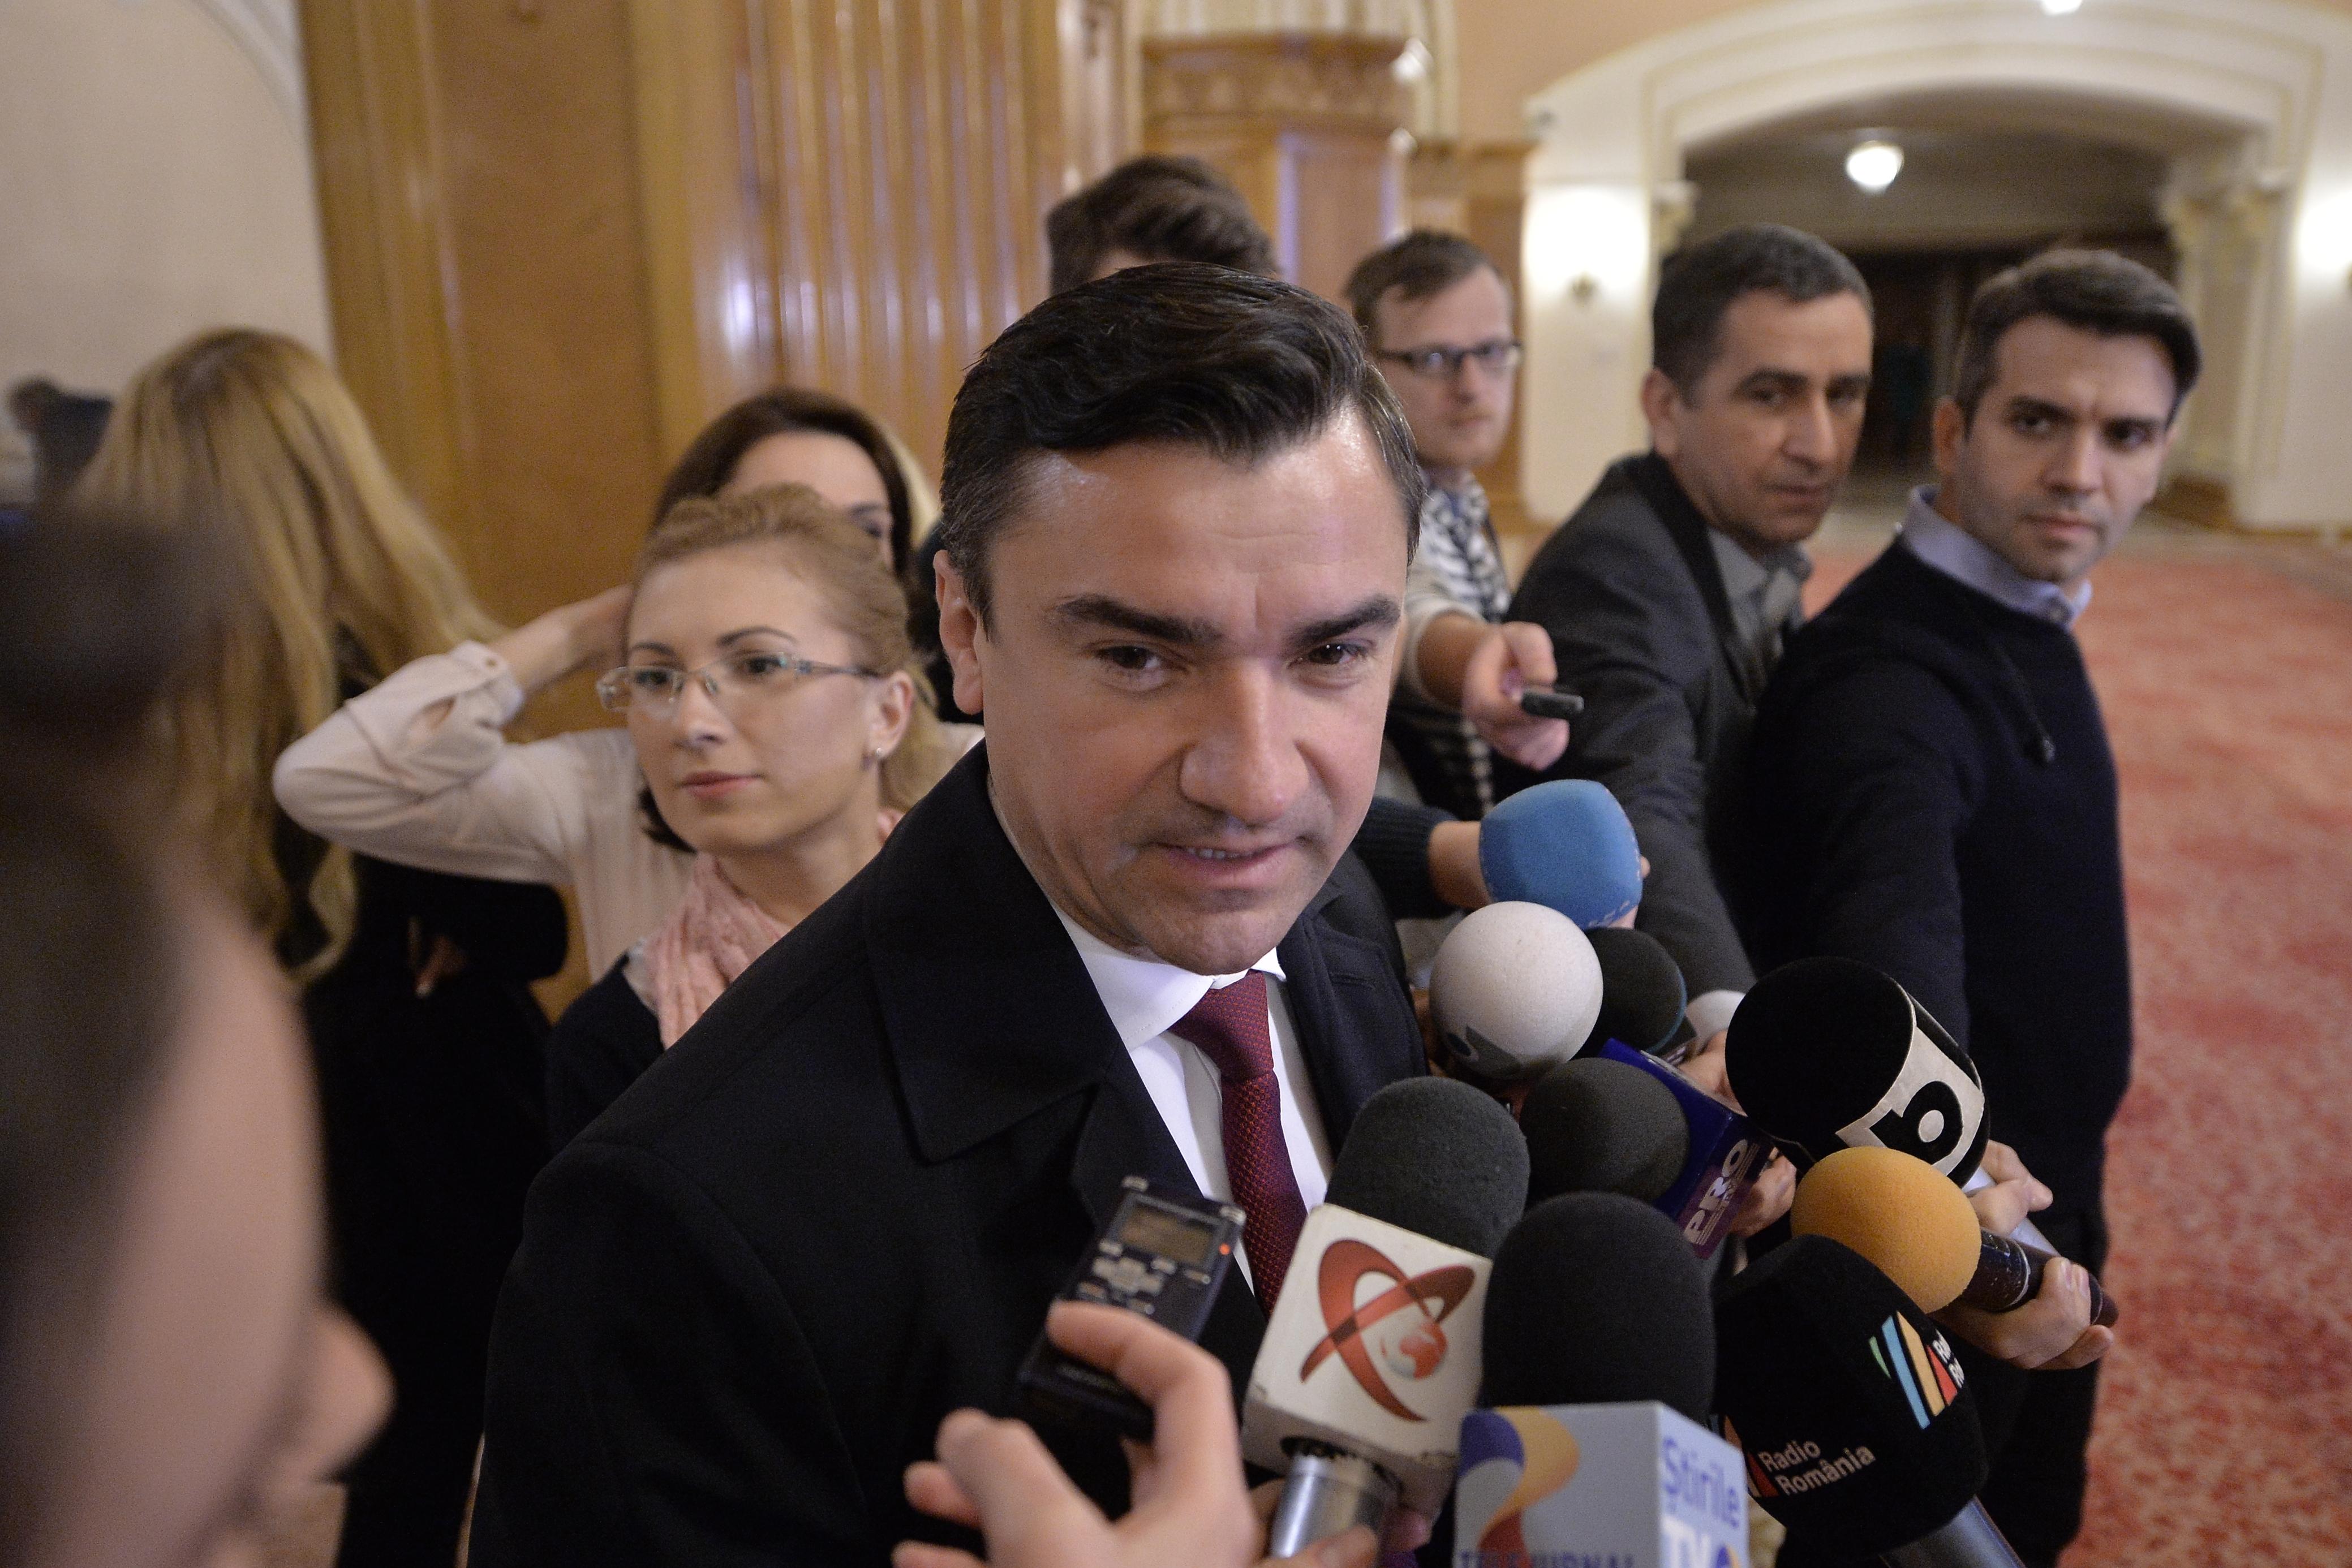 Sesizare a Poliţiei Locale, aflată în subordinea primarului Chirica, legată de renovări fără autorizaţie ale sediului PSD